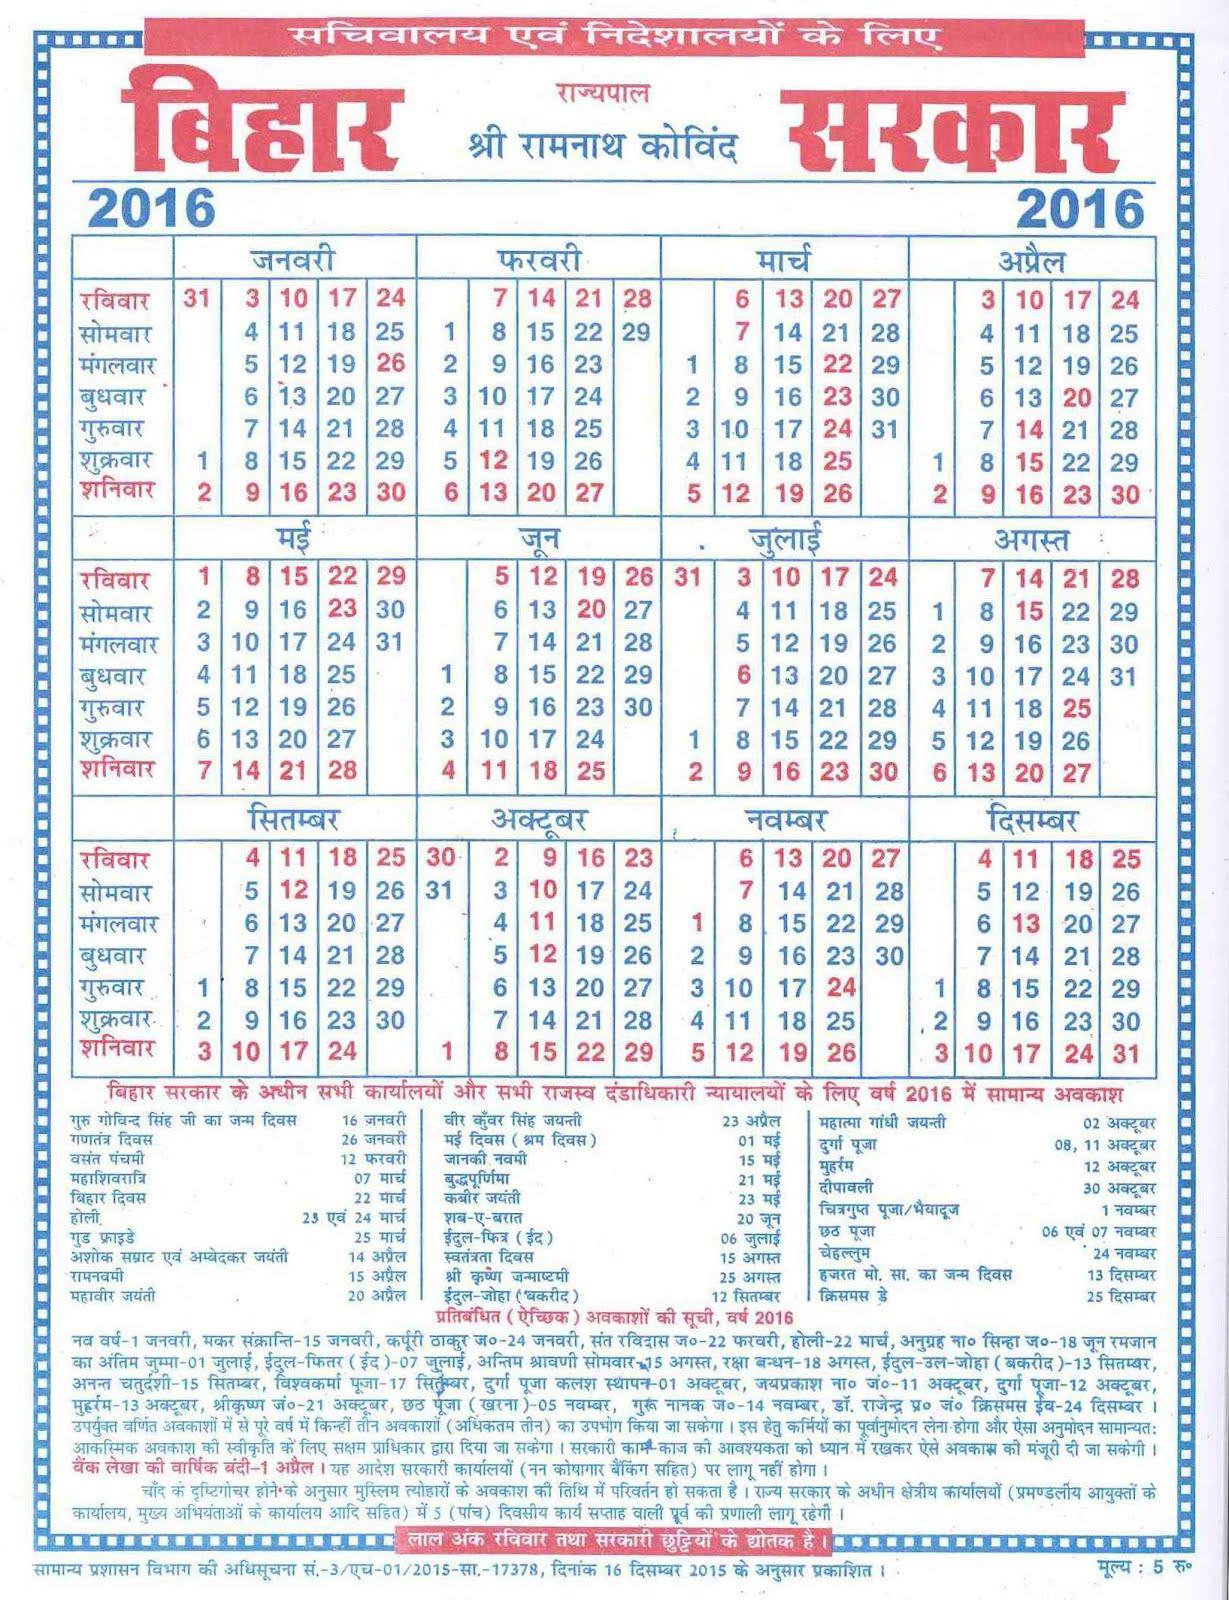 Bihar Government Calendar 2016 with regard to Bihar Government Calendar 2020